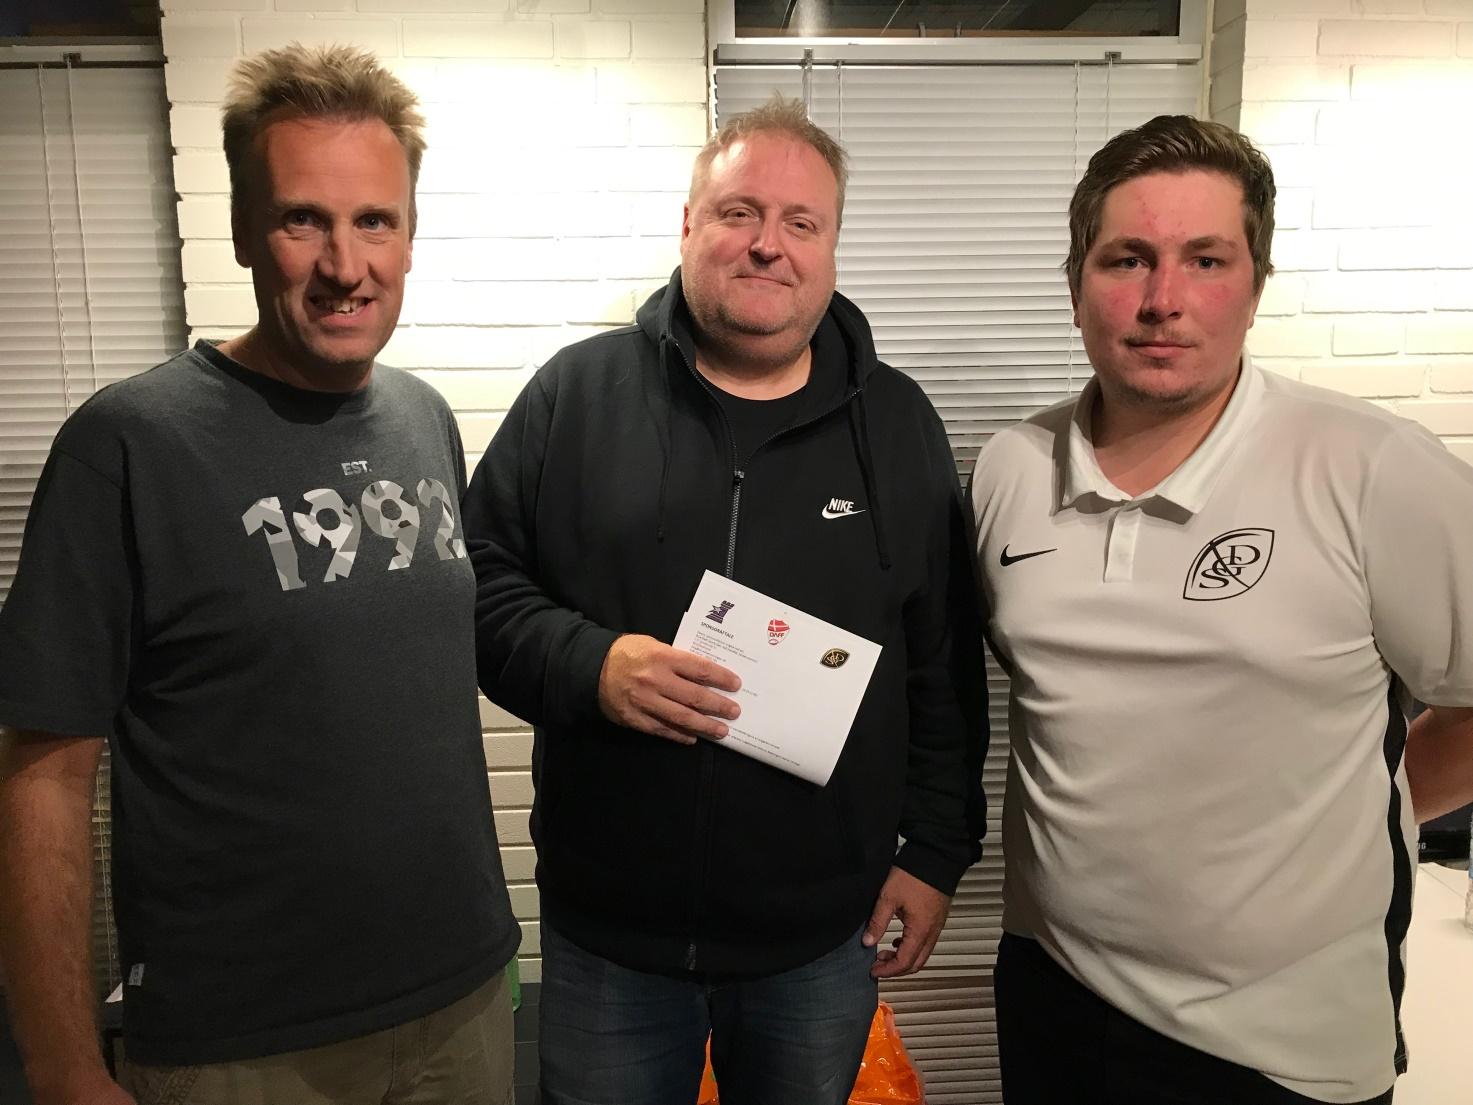 Jakob Munksgaard - Towers formand, Peter Friis - Blue Steel Sports Gear og Casper Reinhardt - SGD formand